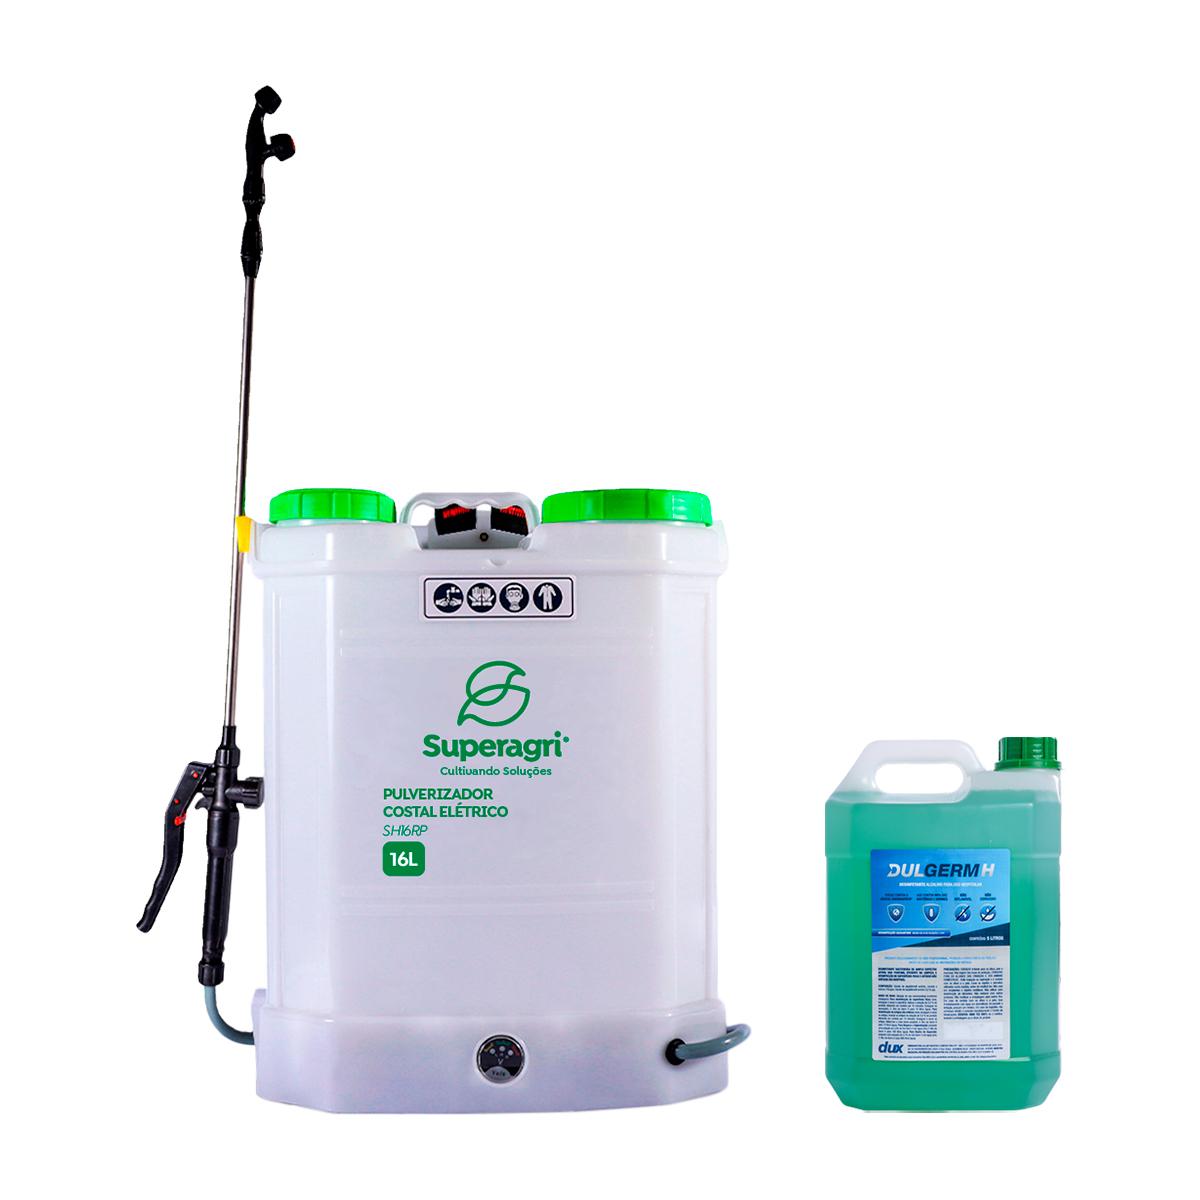 Kit Dux Defender Dul Germ H 5 Litros + Pulverizador Elétrico 16 litros SuperAgri